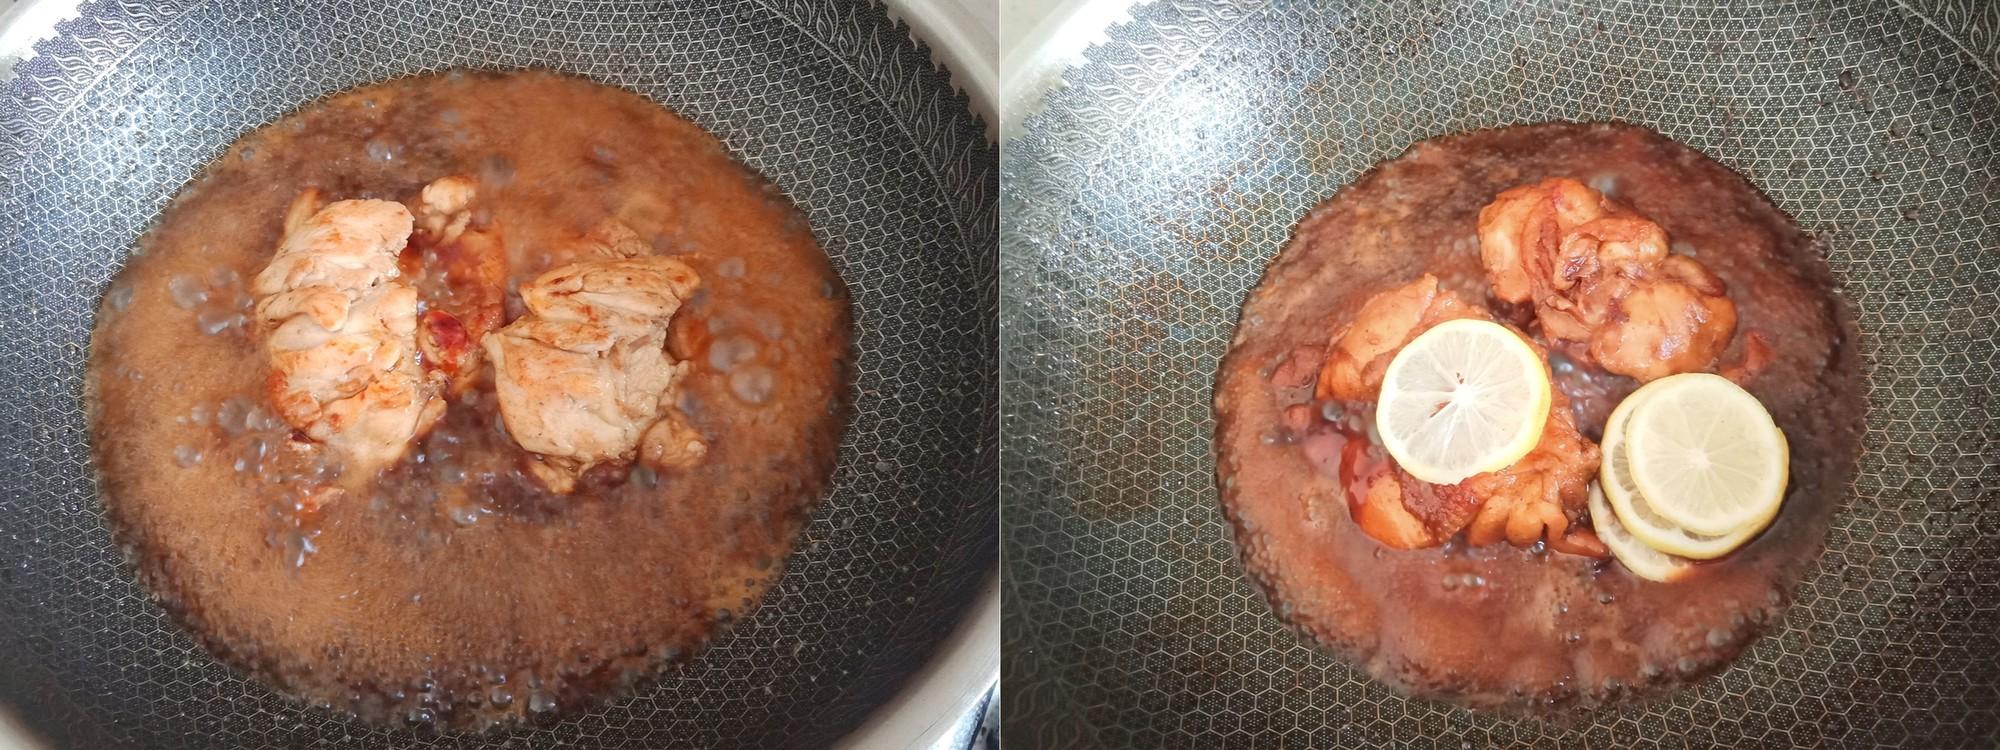 Món ngon mới toanh từ thịt gà đổi món cho cả nhà dịp cuối tuần-3